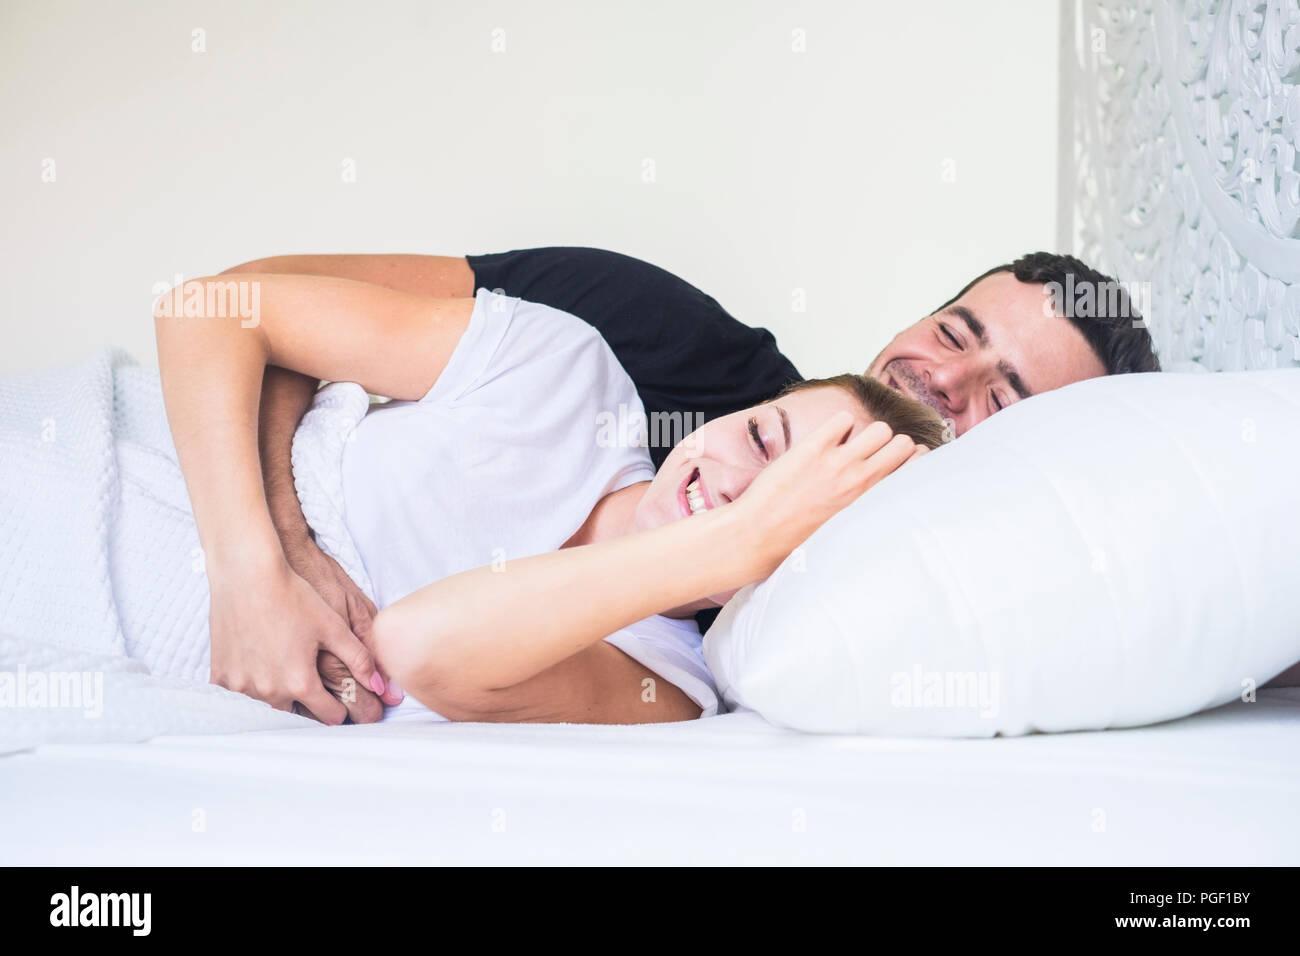 Felice coppia giovane stabilisce e dormire o svegliarsi al mattino presto a casa. bianco camera da letto a casa e la gente abbraccia con amore e relationshi Immagini Stock